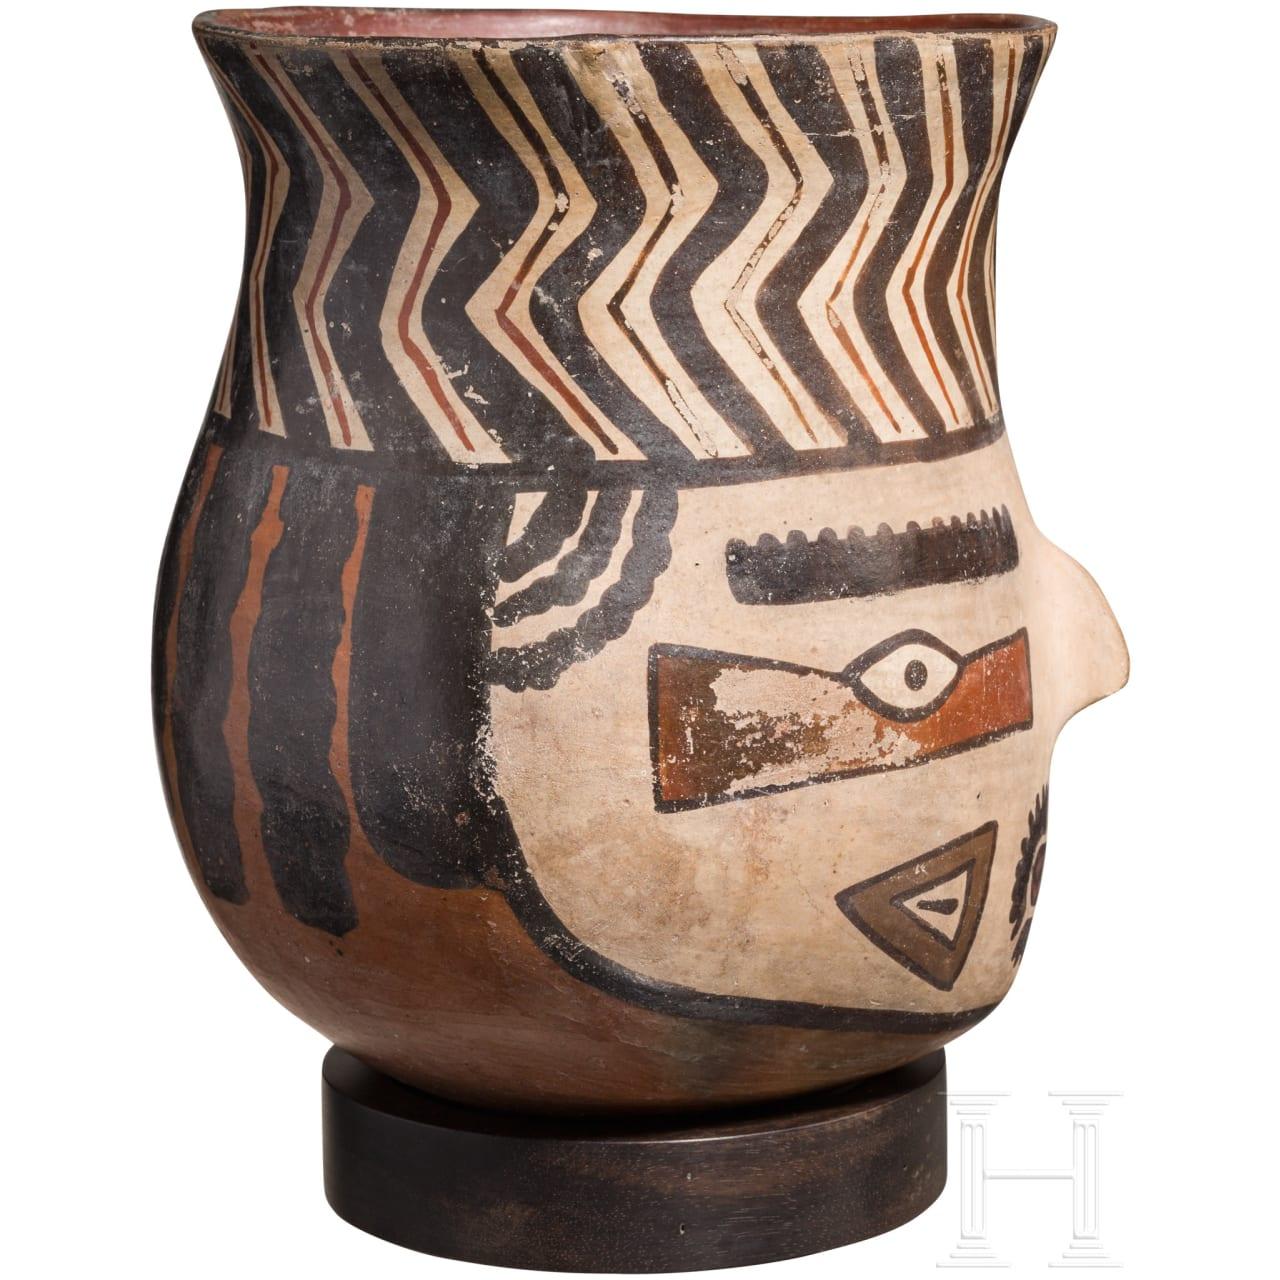 Polychromes Gesichtsgefäß, Peru, Nazca-Kultur, 200 v. Chr. bis 600 n. Chr.